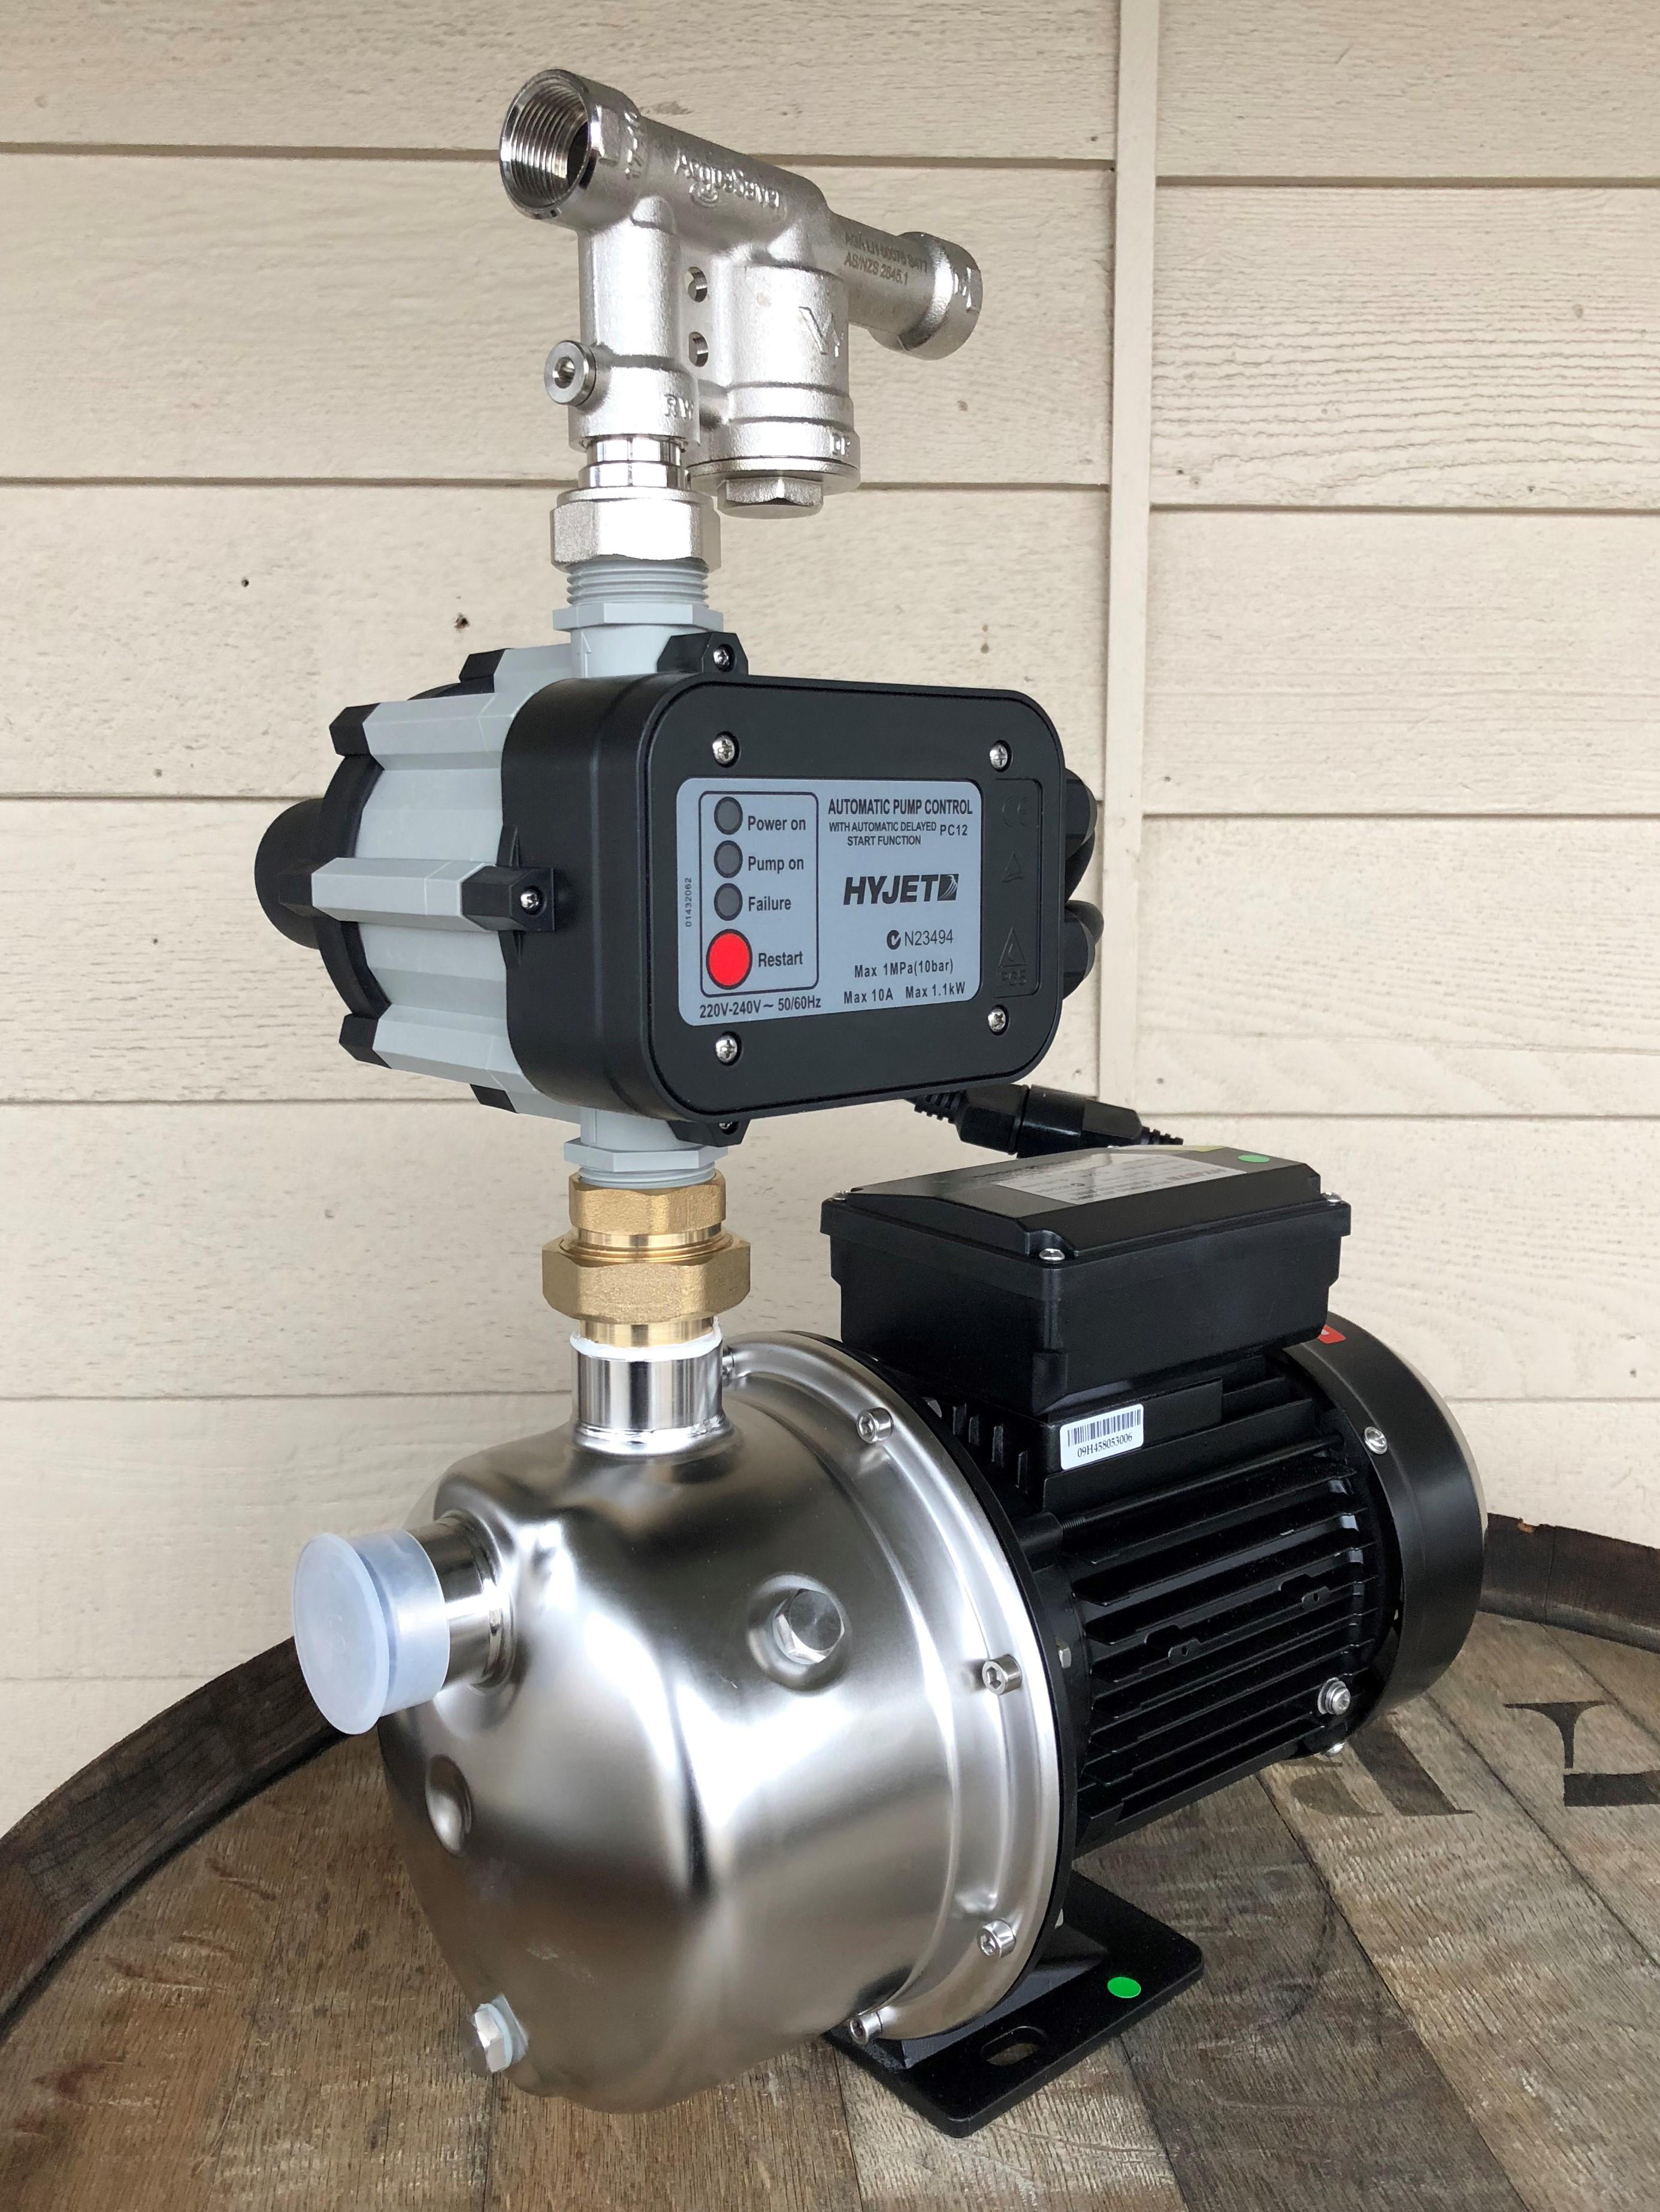 HSJ550 Pump & Valve